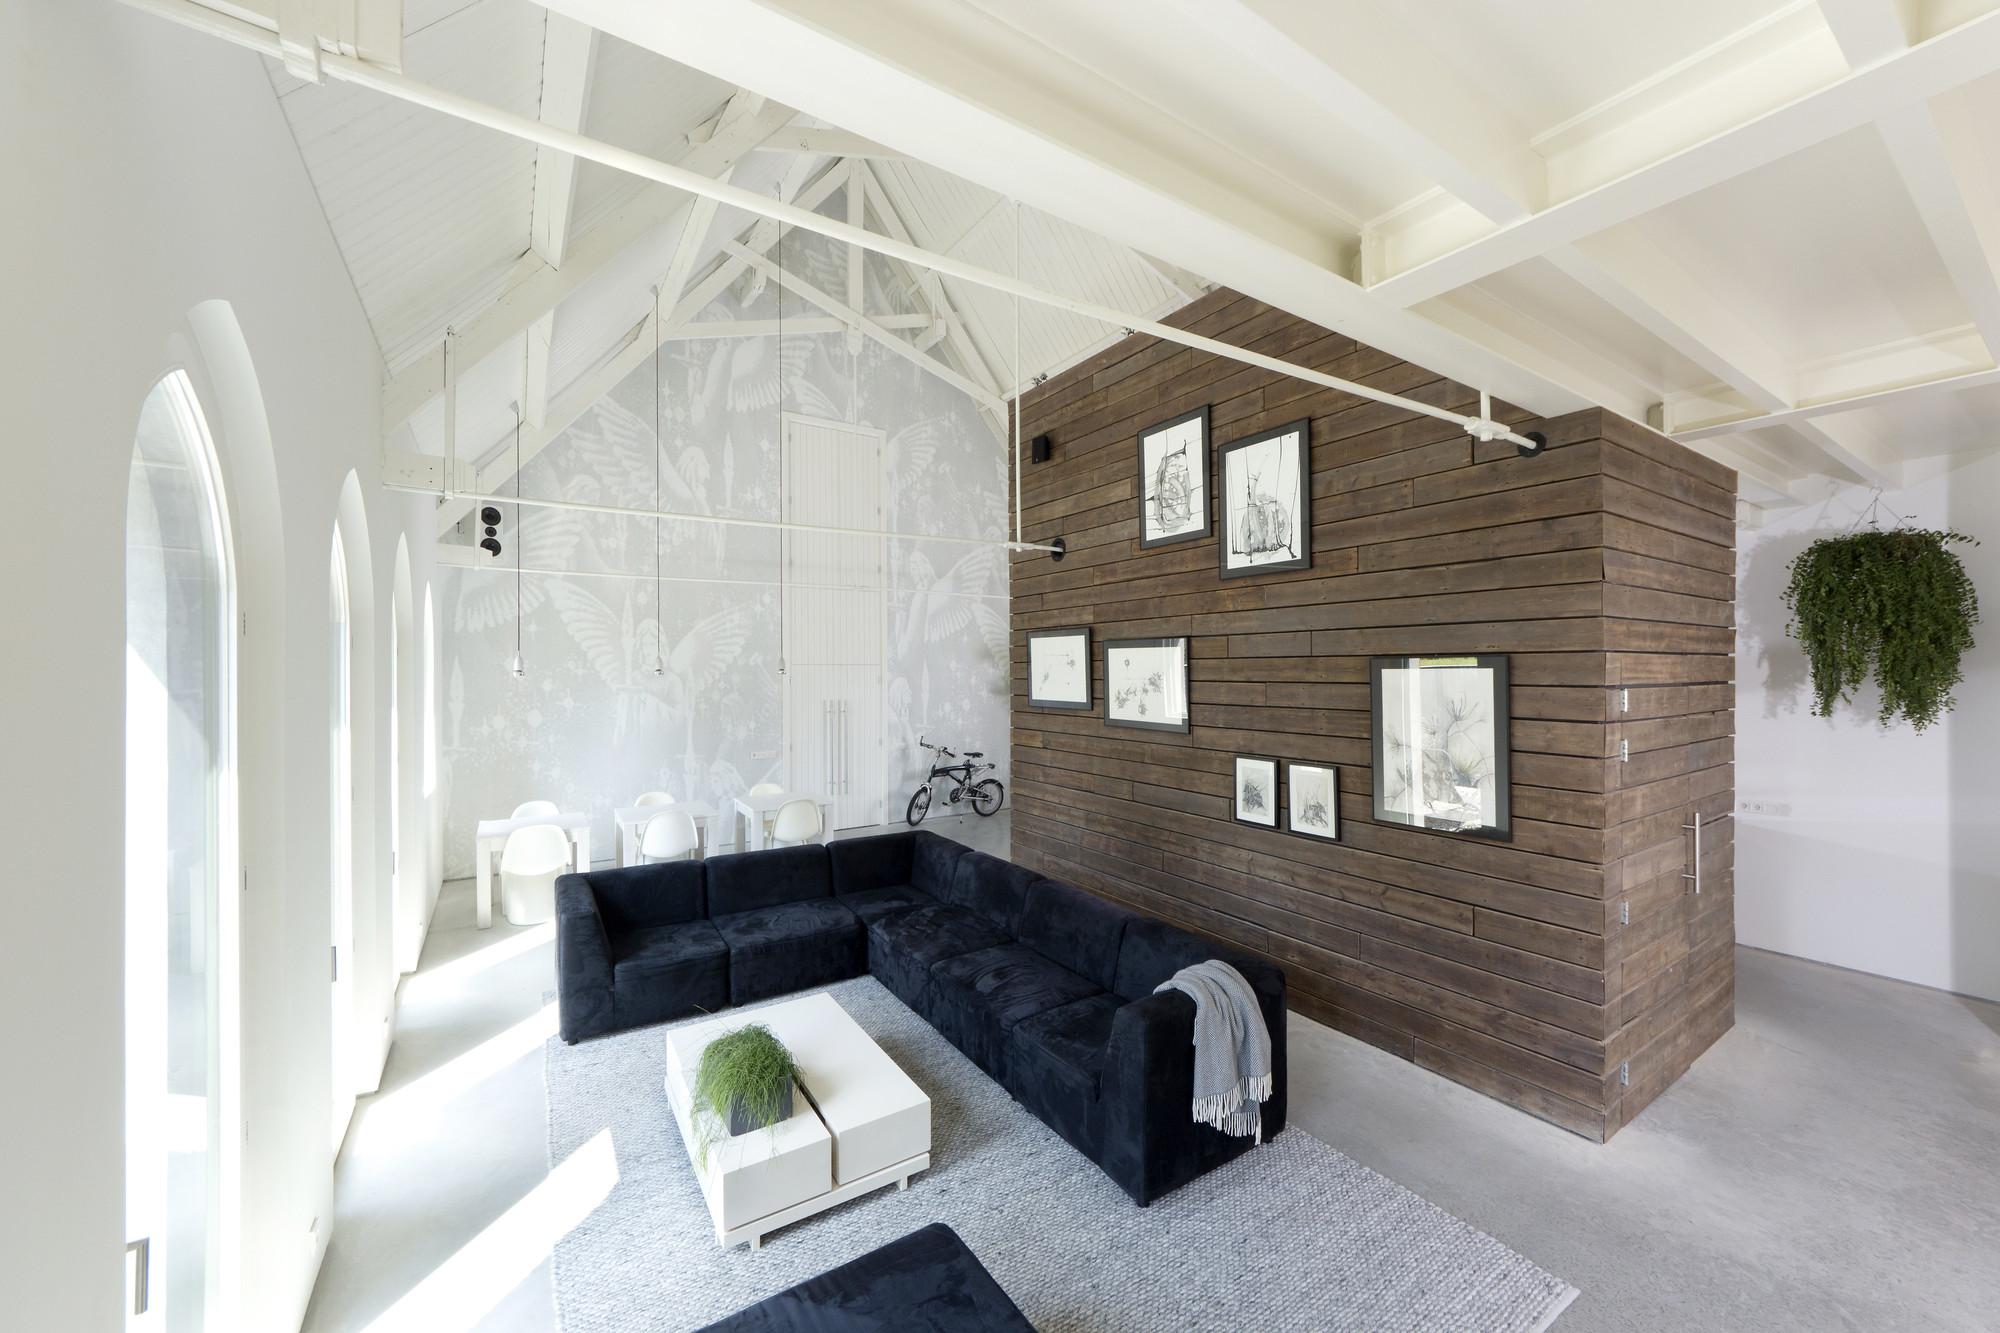 God's Loftstory / Leijh Kappelhoff Seckel van den Dobbelsteen architecten, © Vincent van den Hoven